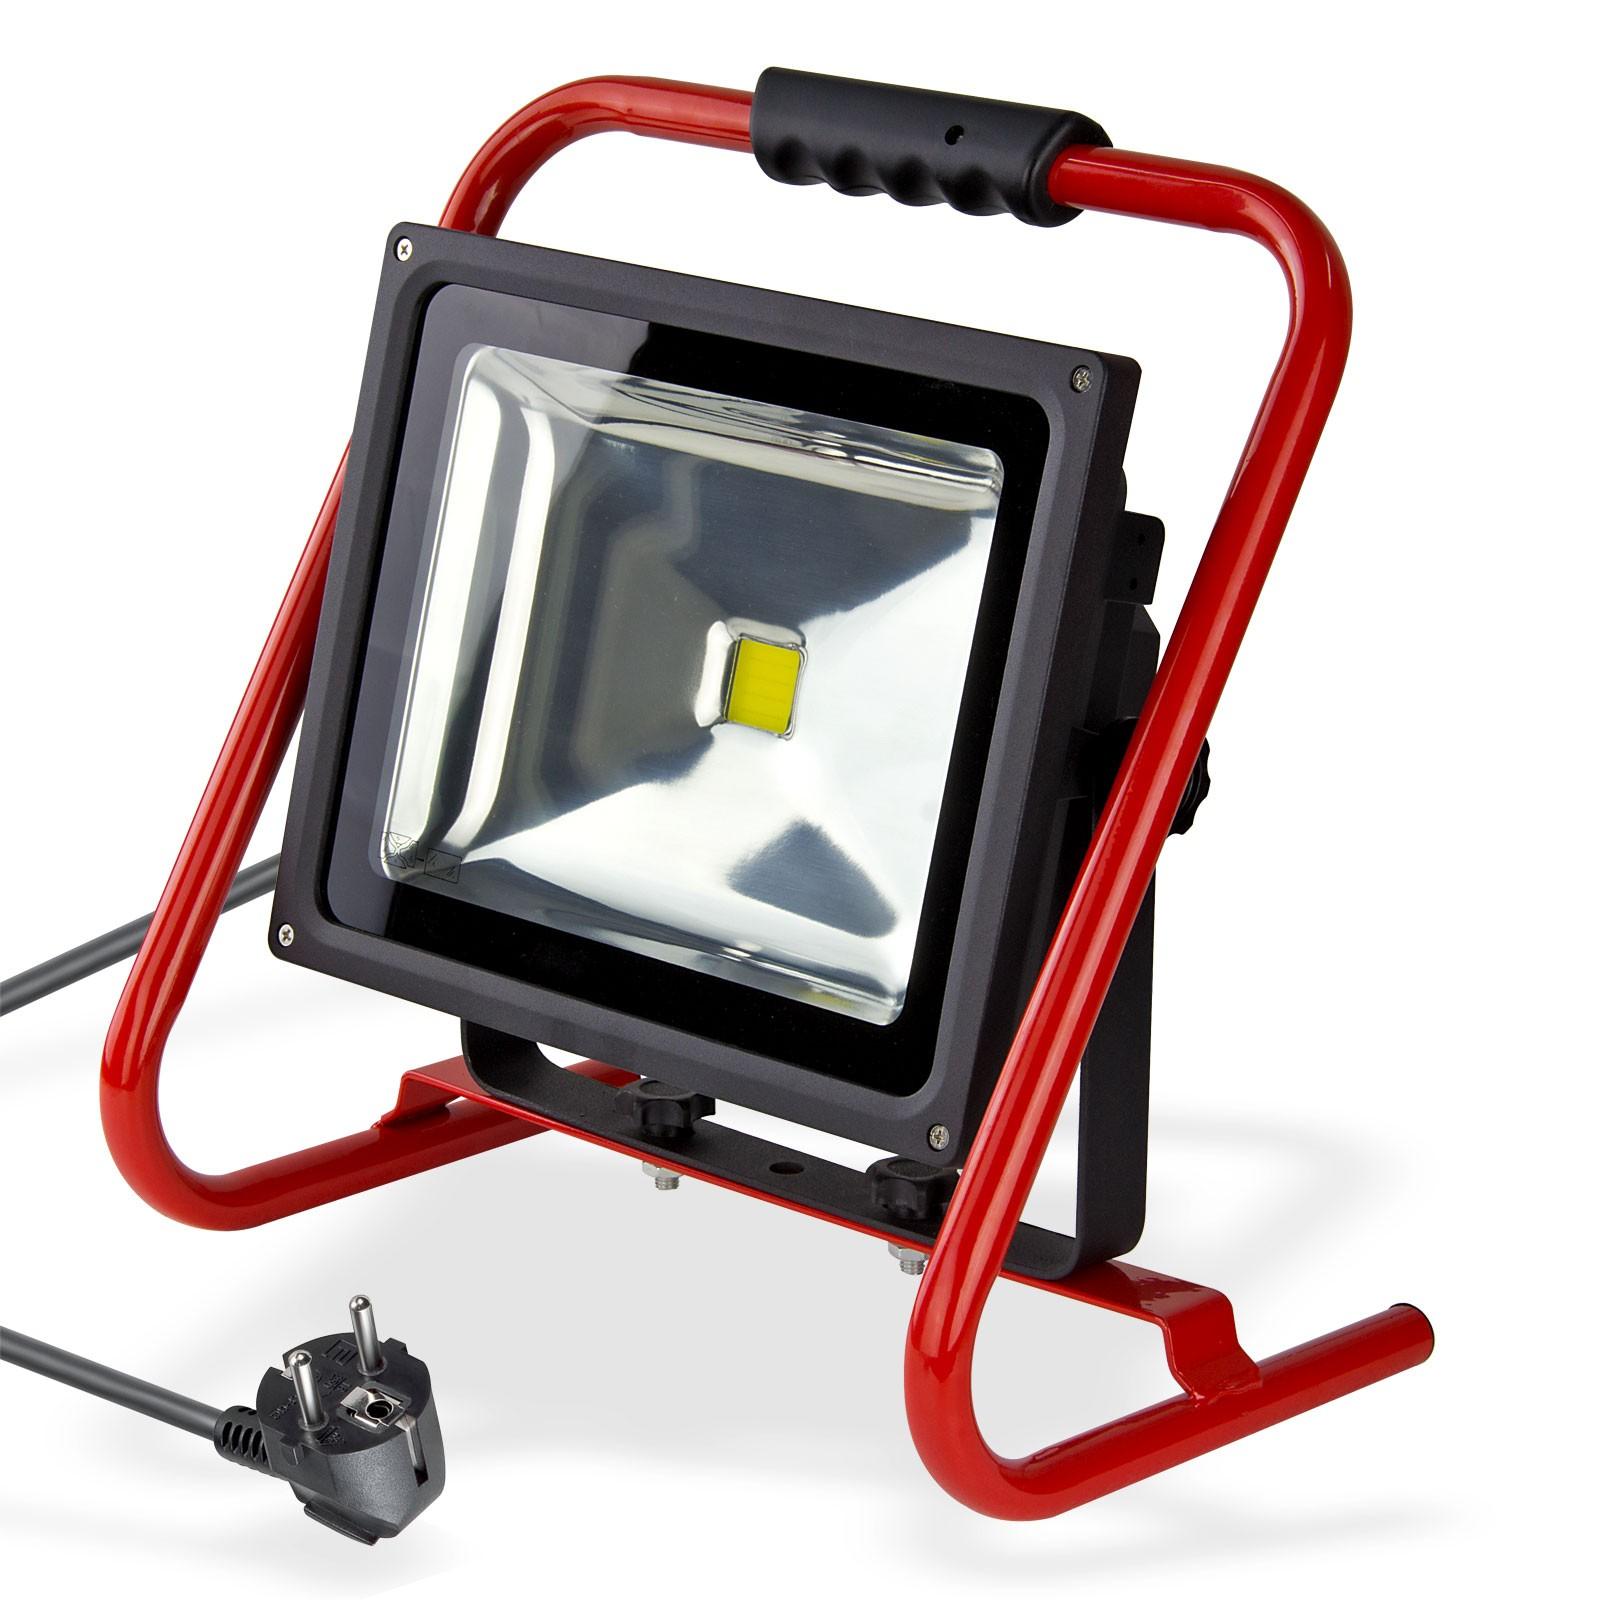 led baustrahler 50w tragbar mobil 6500k kaltwei 3000 lumen arbeitsleuchte neu ebay. Black Bedroom Furniture Sets. Home Design Ideas